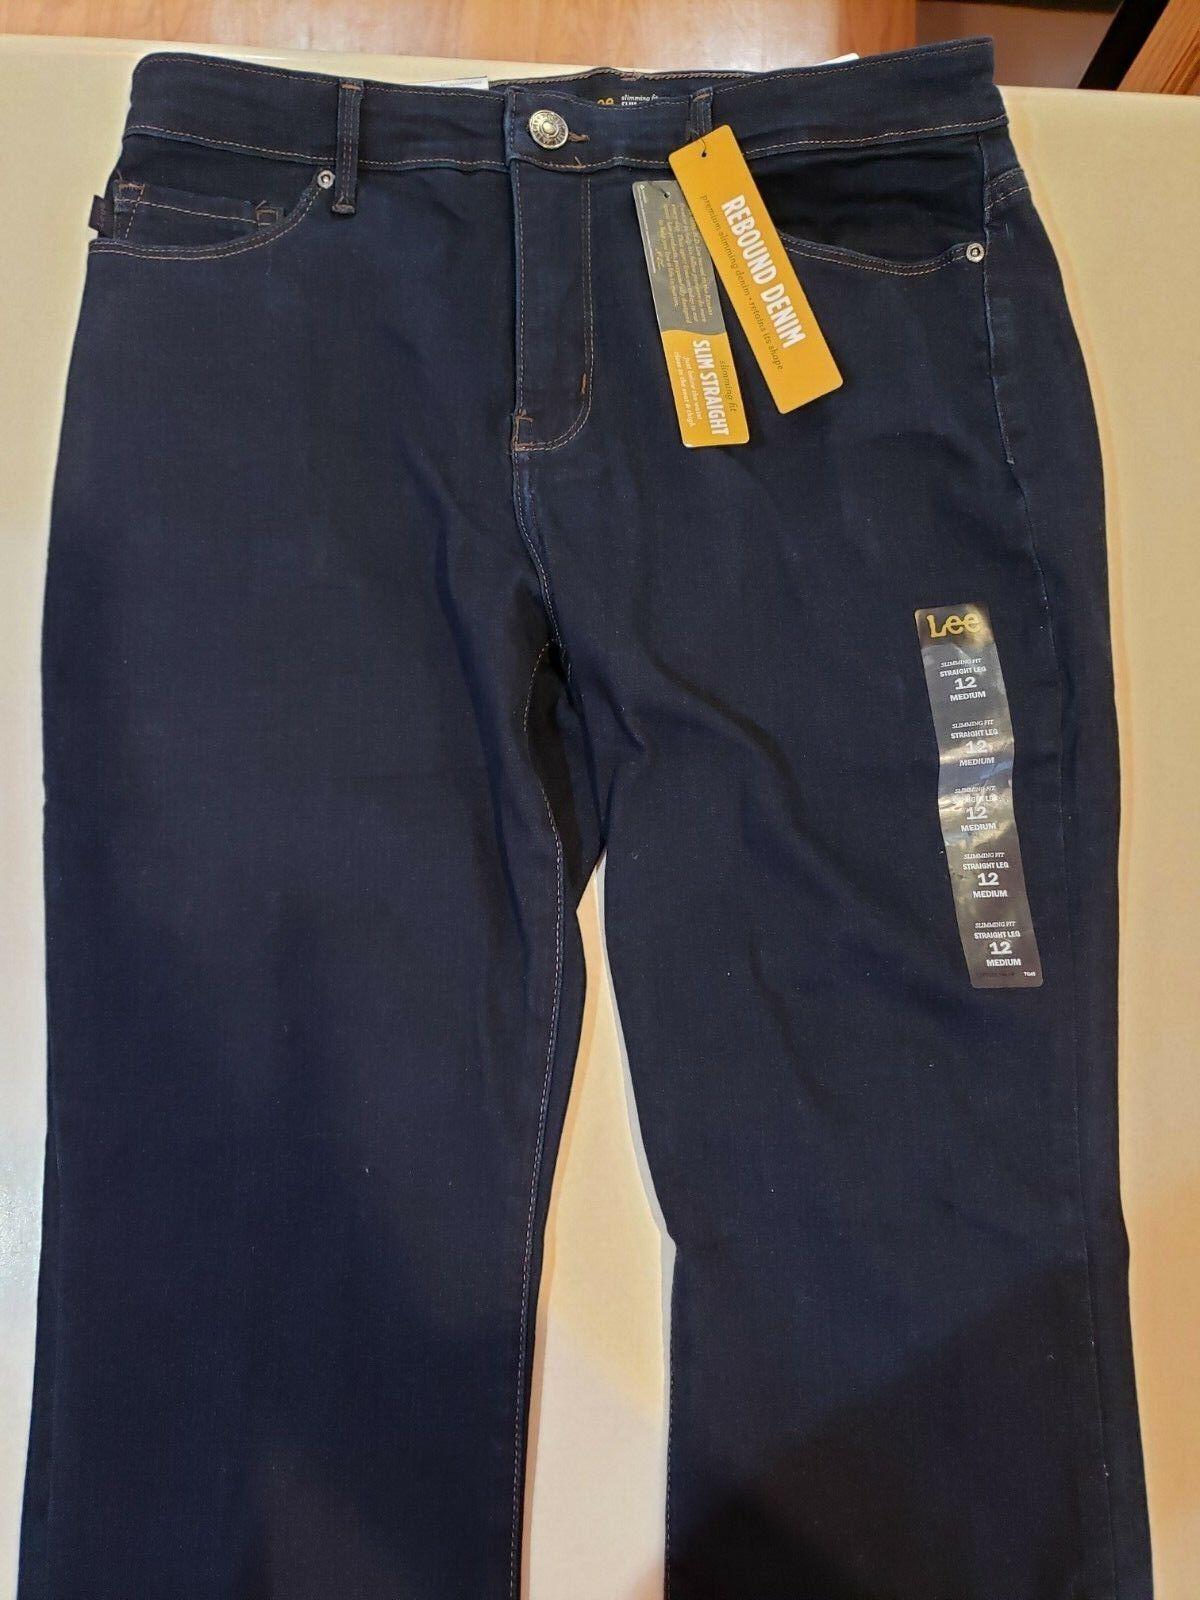 New Lee Rebound Denim Slim Straight Womens Jeans, Size 12 Medium